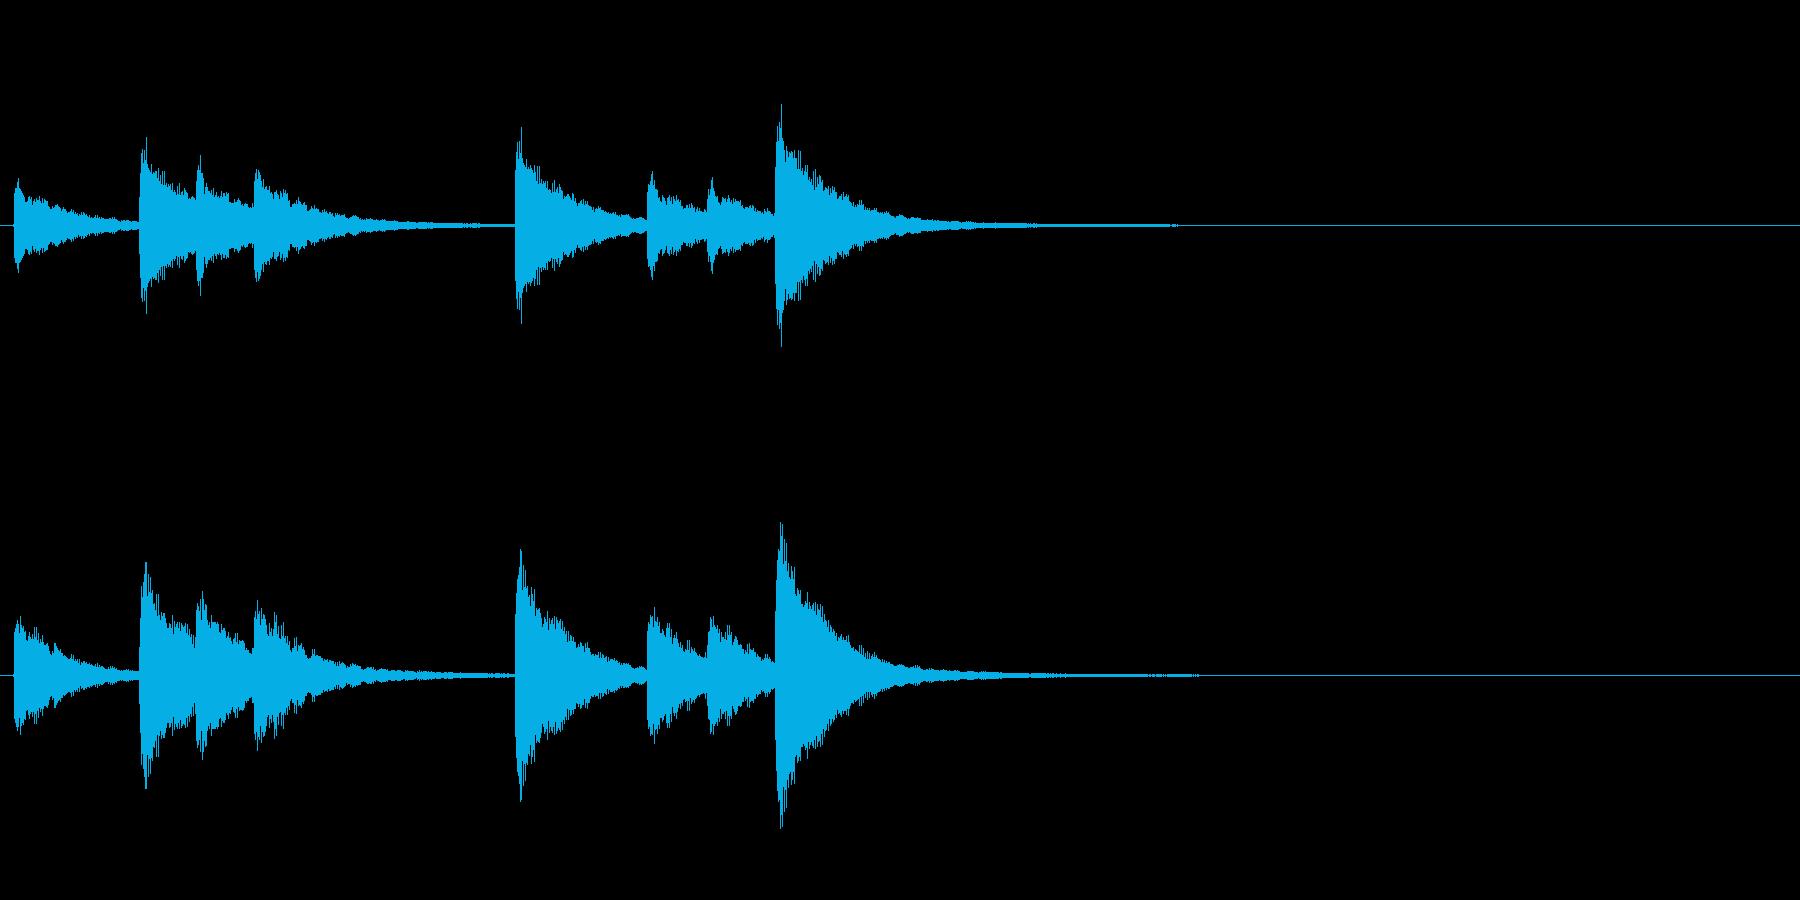 歌舞伎の吊るし鉦 双盤のフレーズ音の再生済みの波形